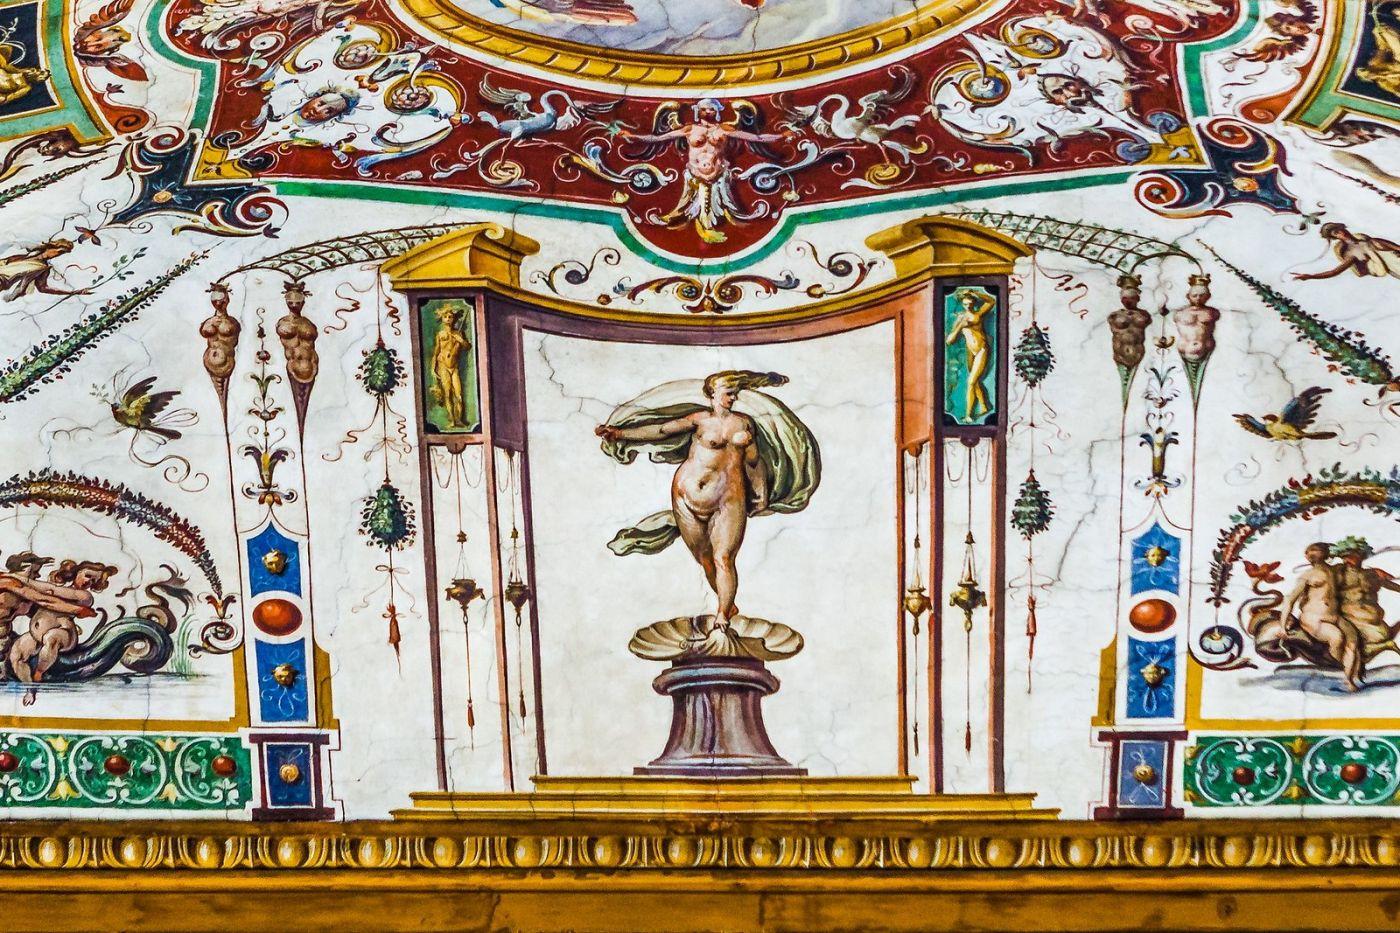 意大利佛罗伦斯乌菲兹美术馆, 藏品大展_图1-14